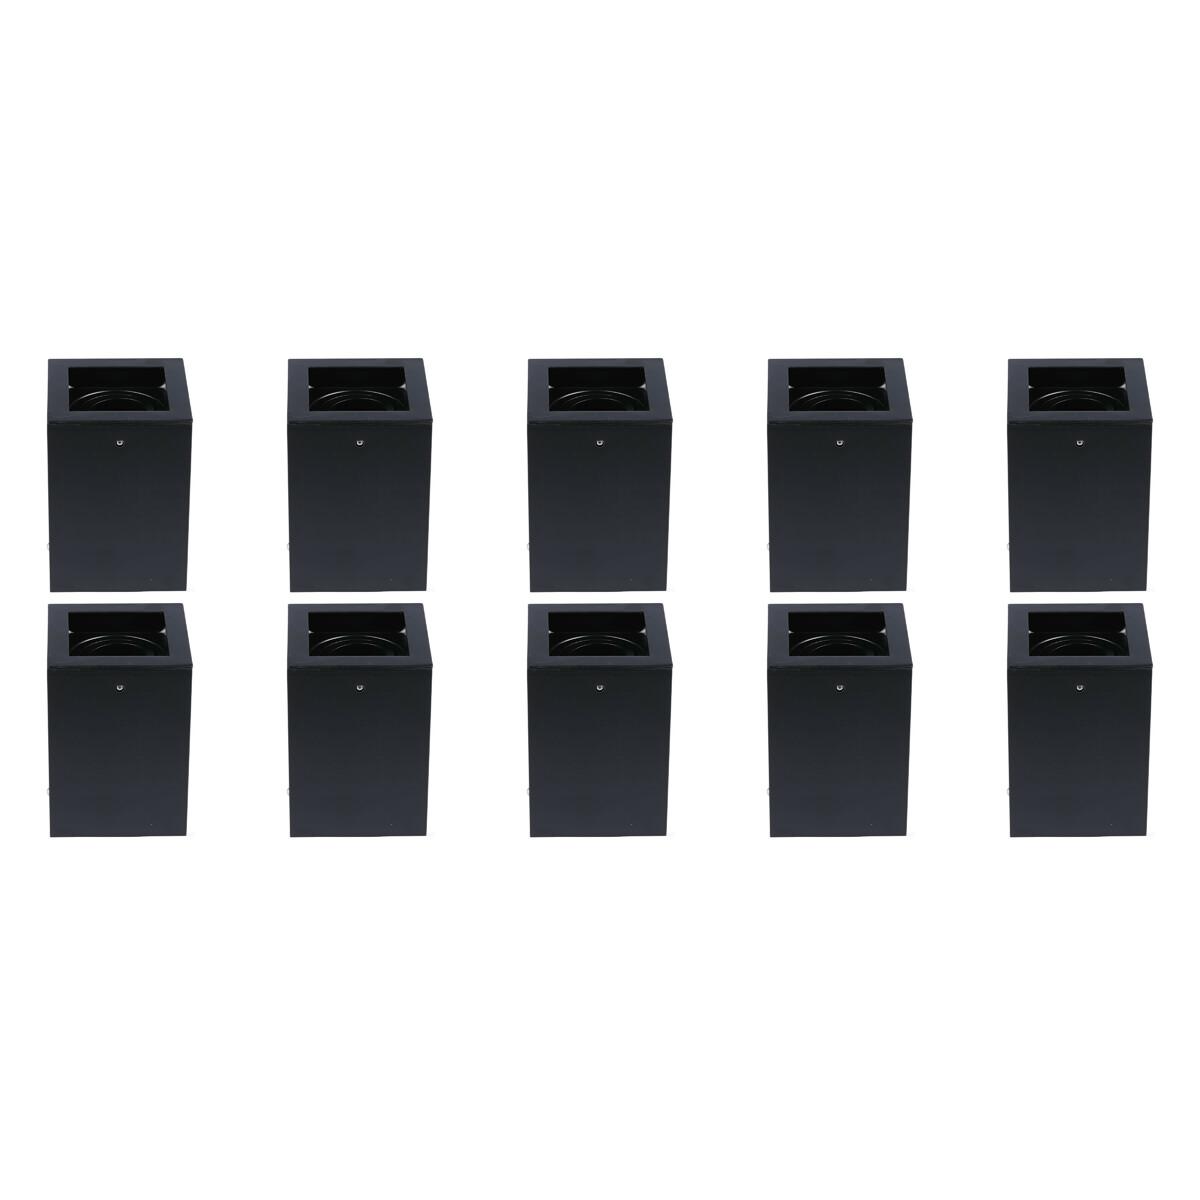 LED Opbouwspot 10 Pack - Plafondspot - Viron Halo - GU10 Fitting - Vierkant - Mat Zwart - Aluminium